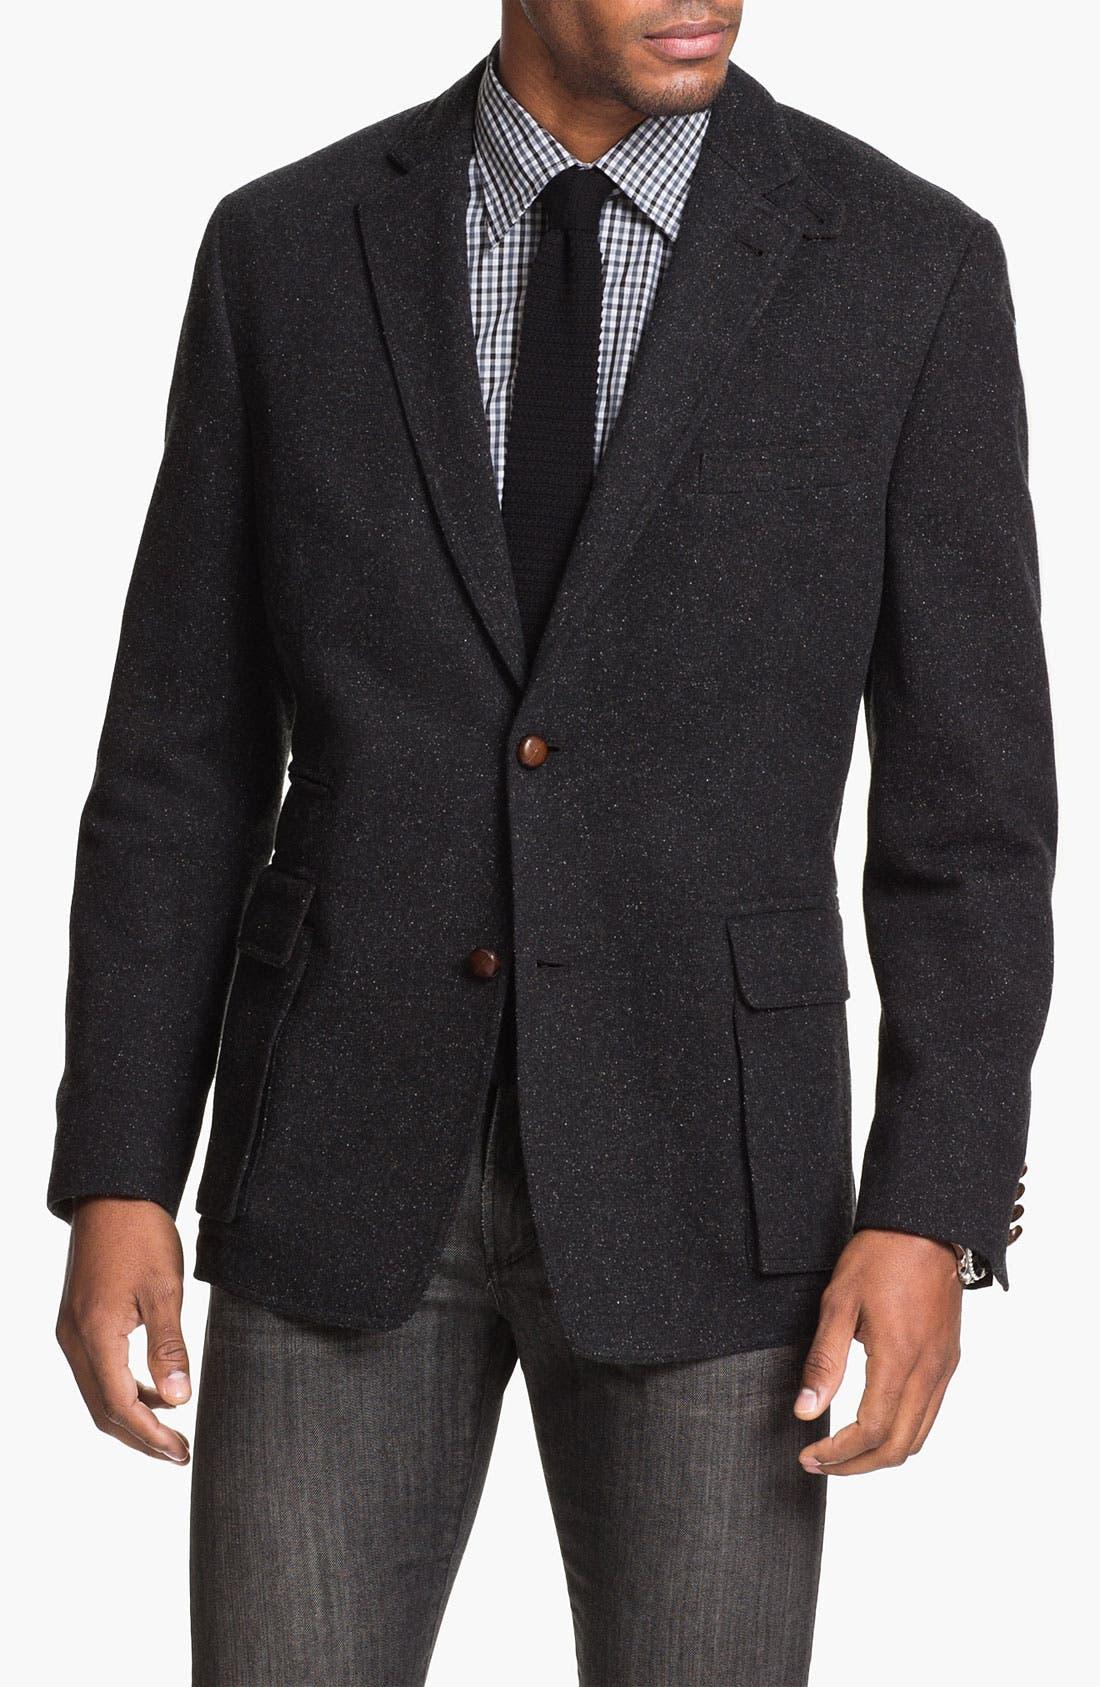 Alternate Image 1 Selected - Kroon 'Waits' Tweed Sportcoat